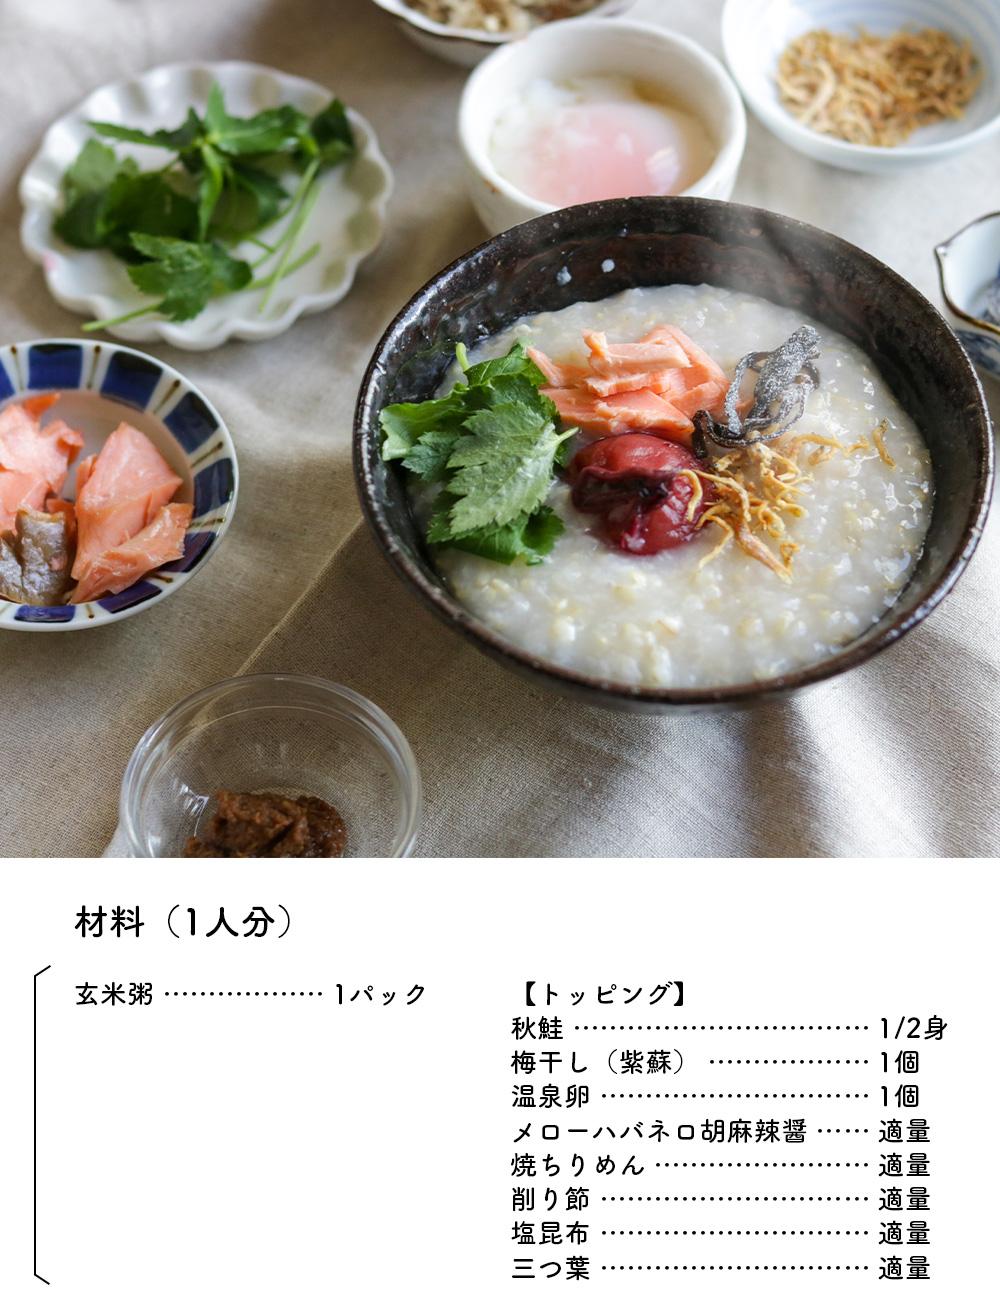 """<font color=""""#b8860b"""">玄米粥にのせるだけ。<br /> 体も温まる朝の贅沢時間。</font><br /> <font size=""""+1"""">ほっこり朝の玄米粥</font>"""